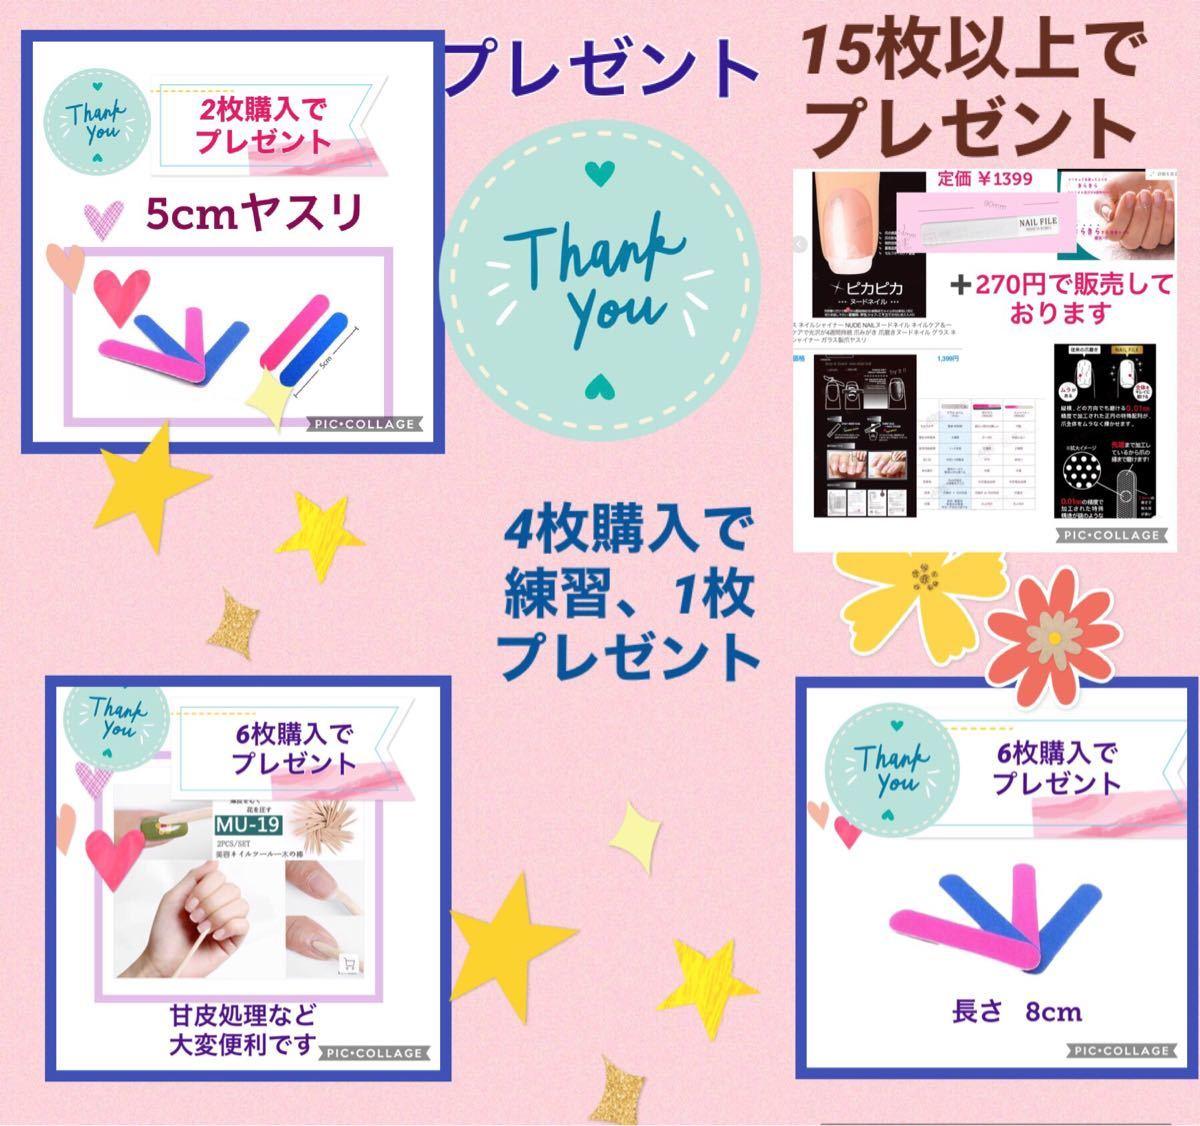 【高品質タイプ】4枚購入で1枚プレゼント!ジェルネイルシール☆。.:*・゜